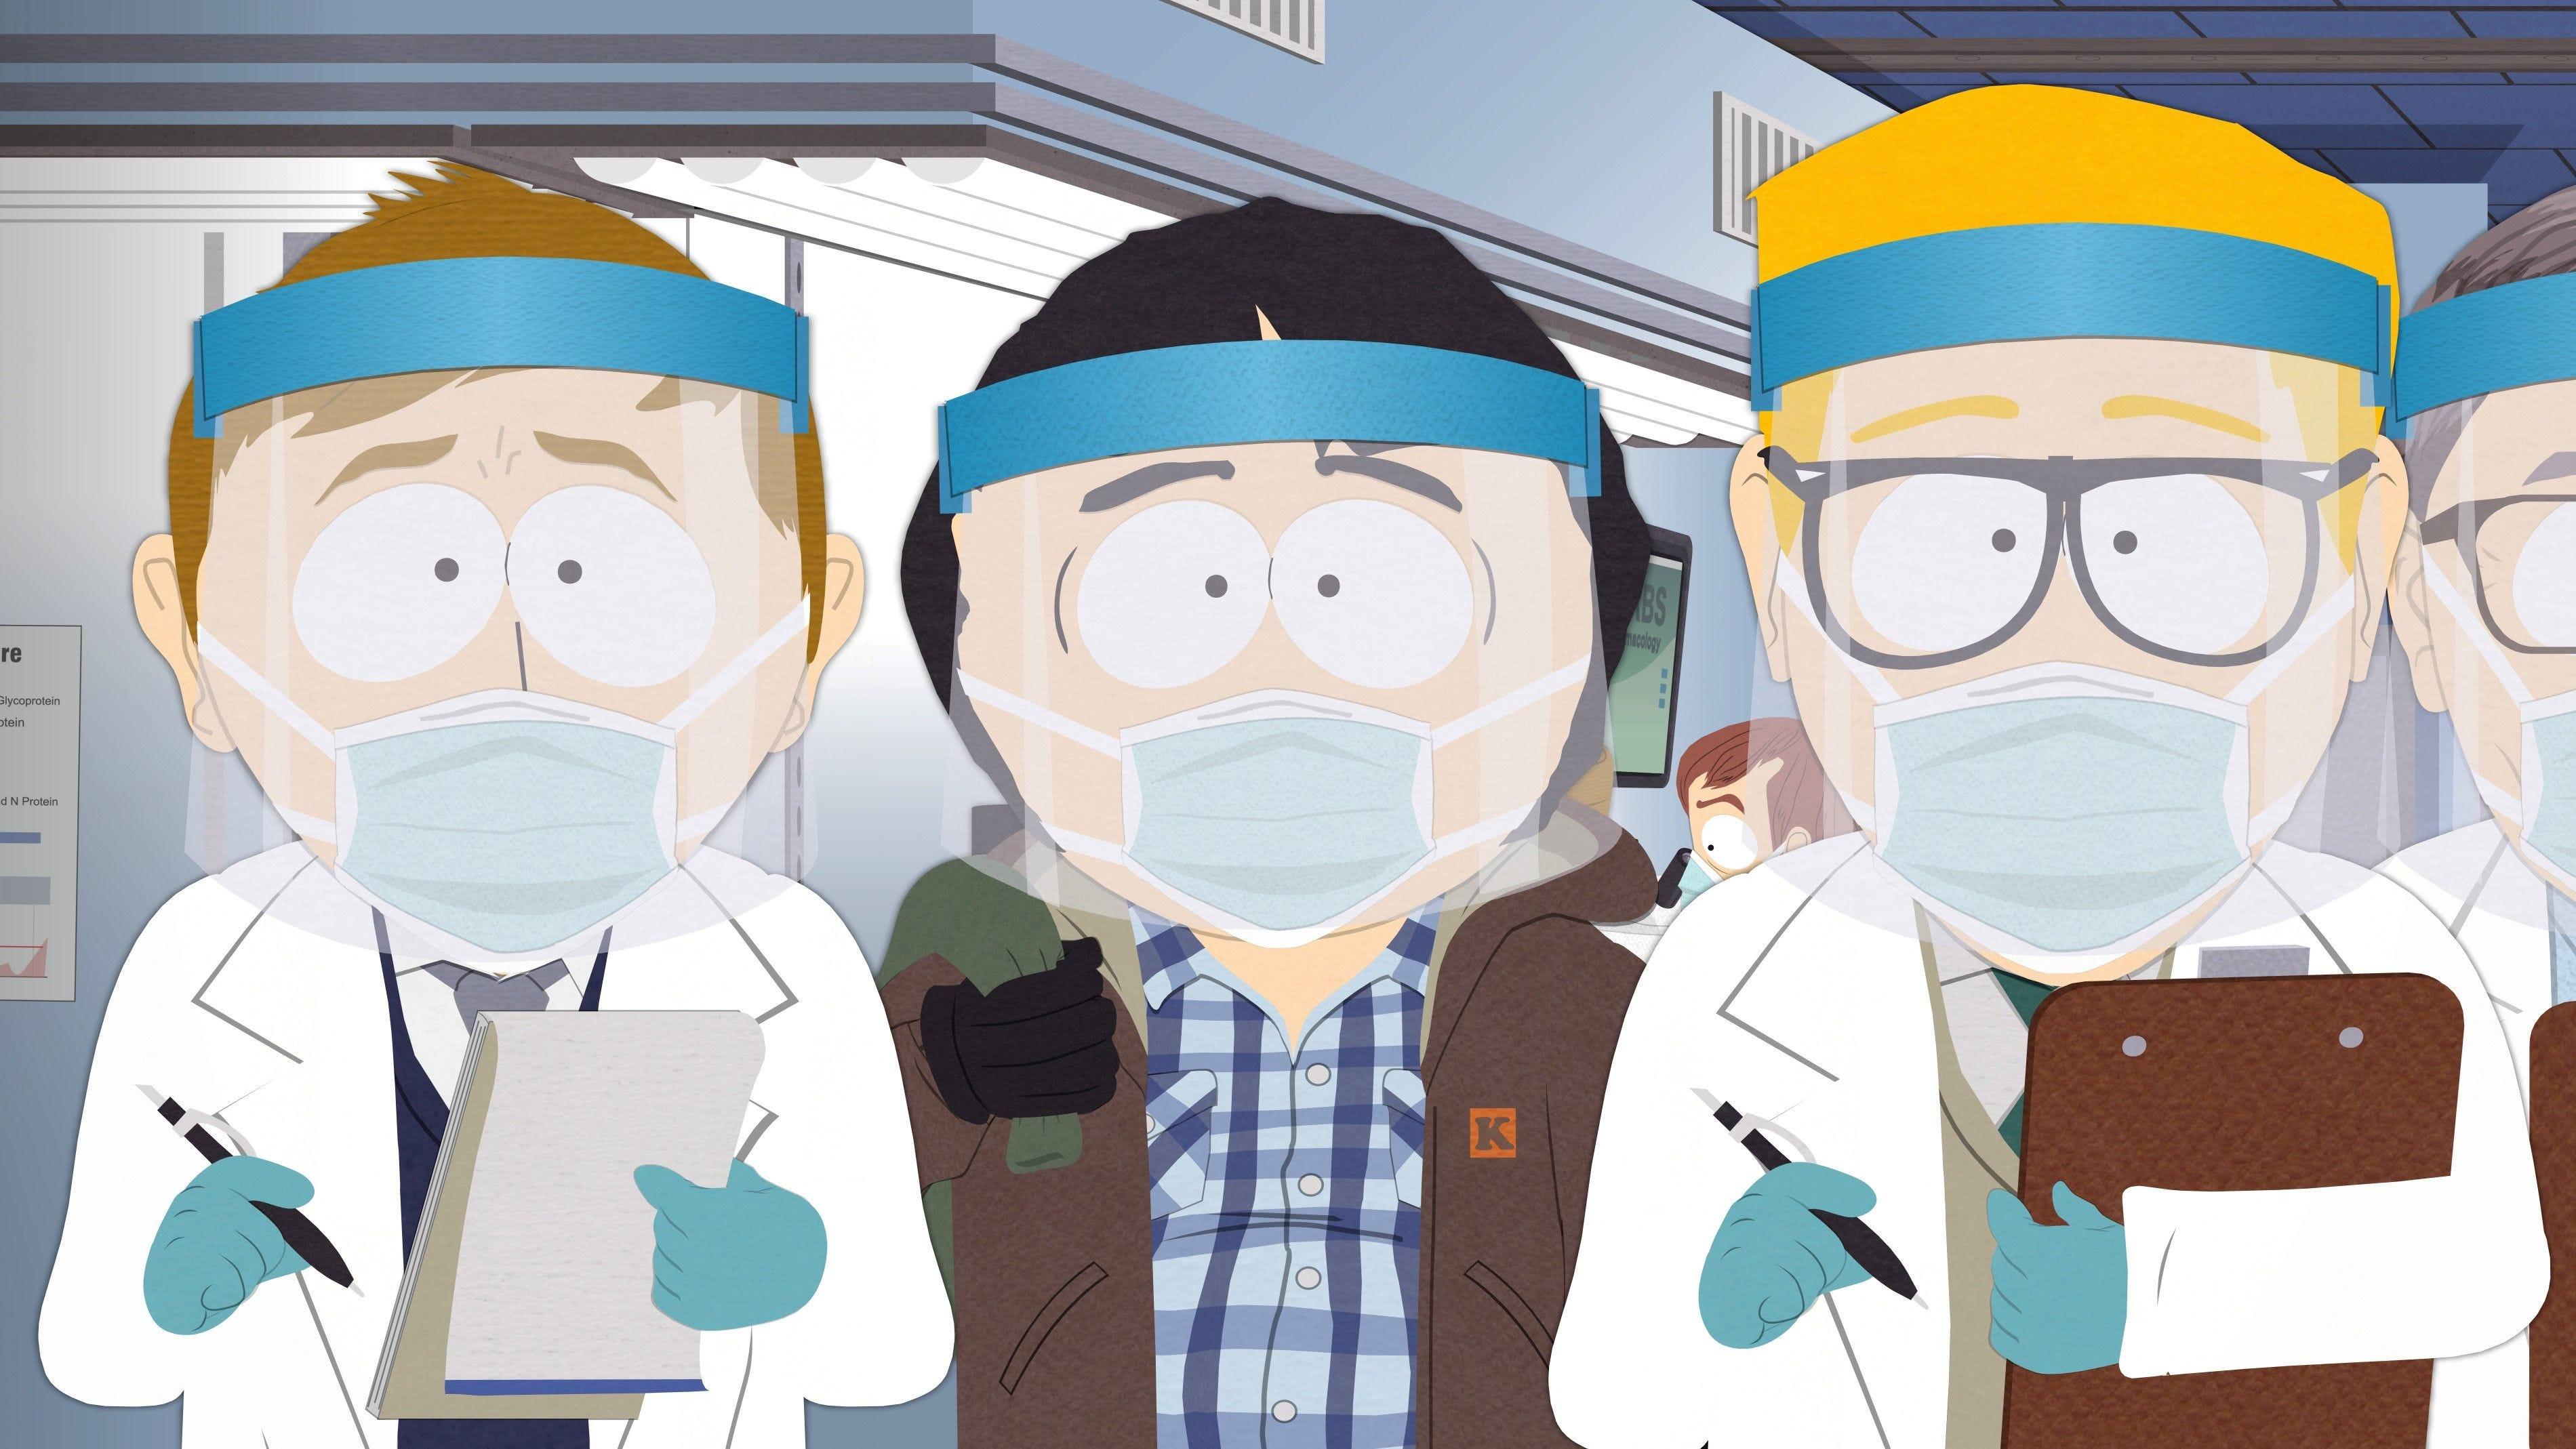 South Park élőben: 5 dollárt kér a maszkos vendégeitől a kaliforniai kávézótulajdonos